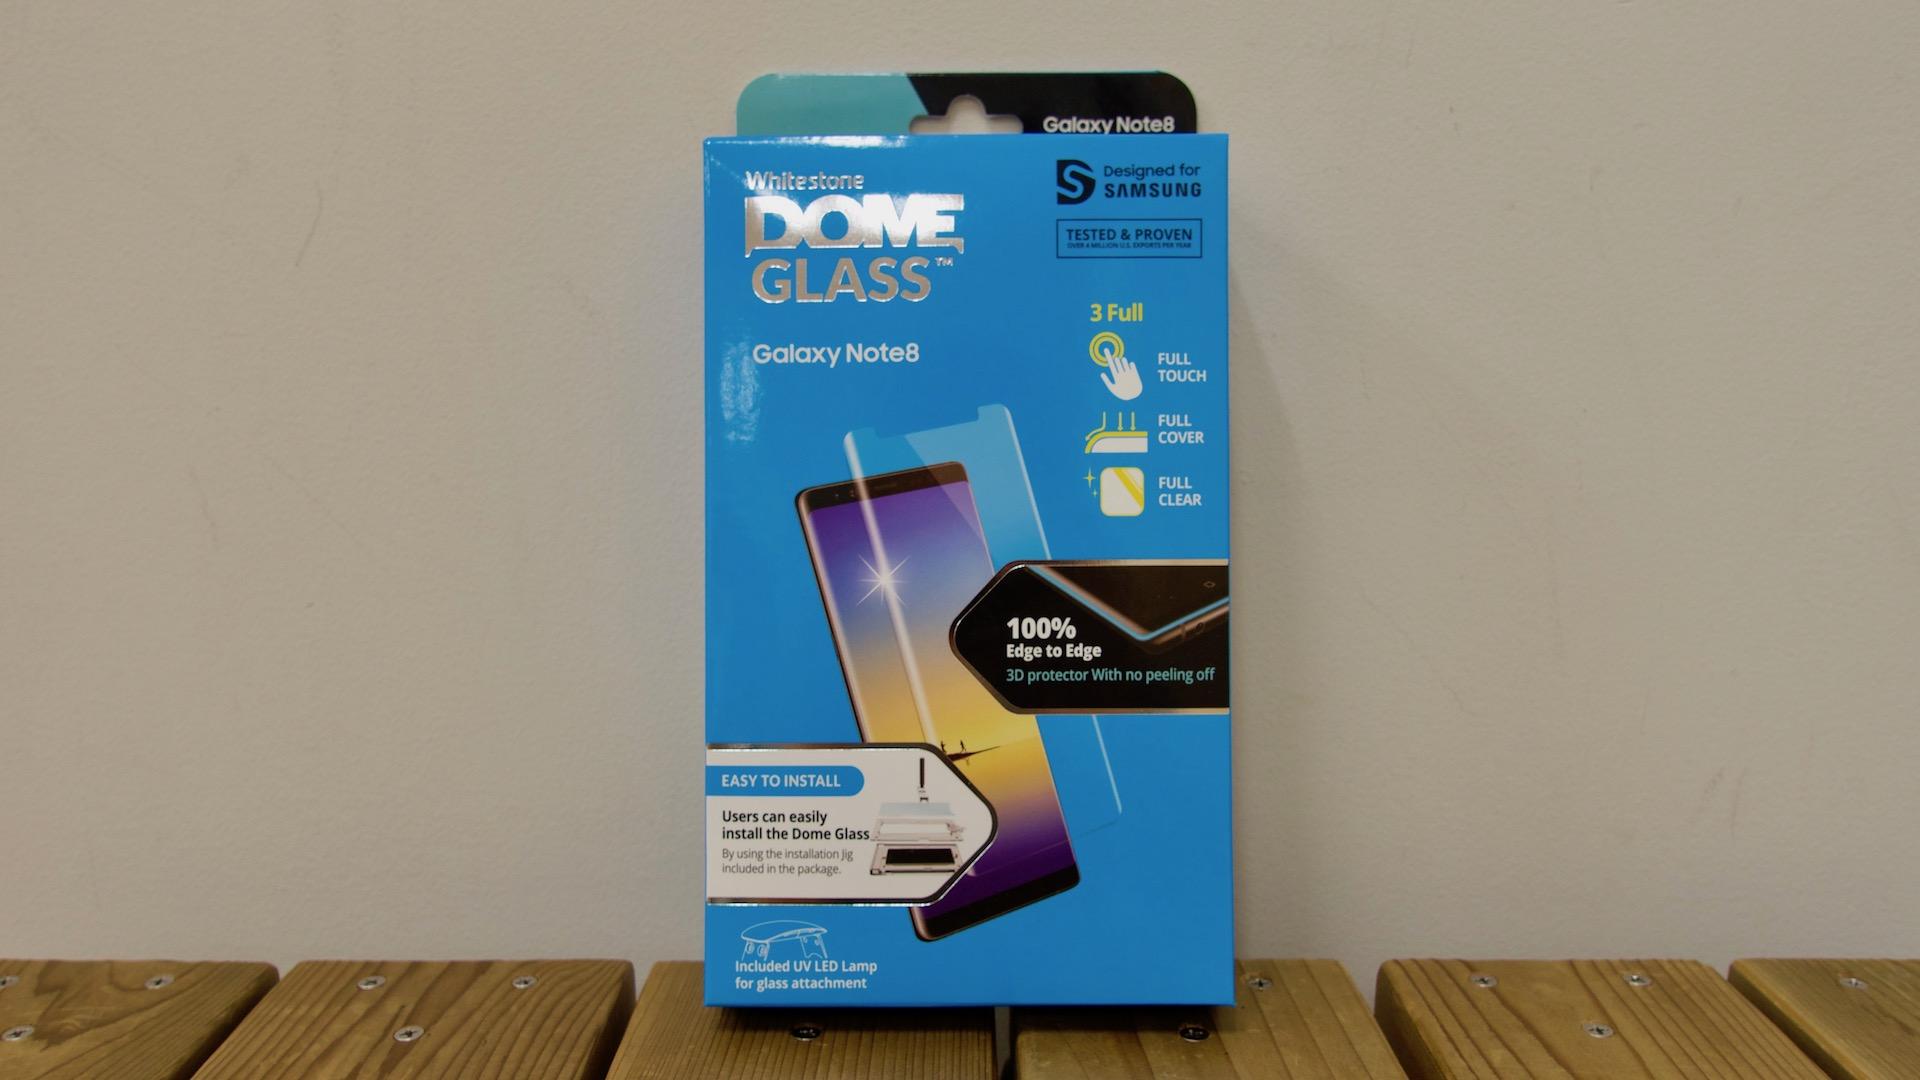 2.5Dディスプレイでも全面吸着の保護ガラス、「DomeGlass」のレビュー